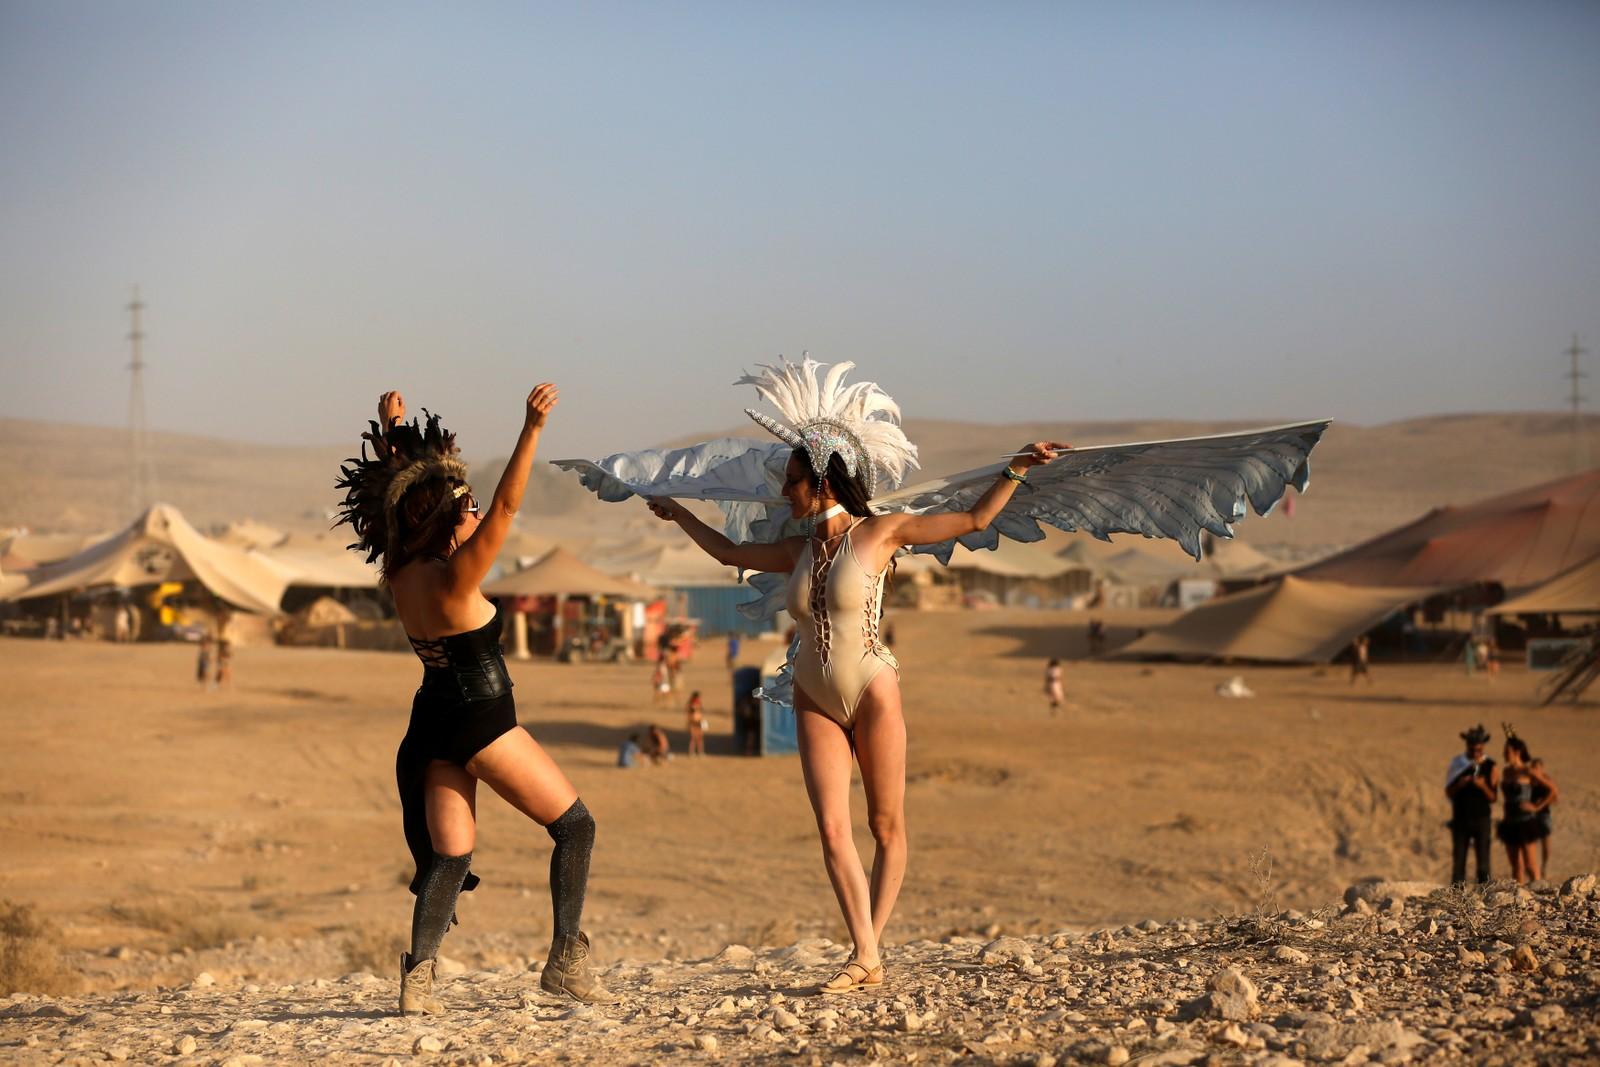 Den israelske versjonen av Burning Man-festivalen i Nevada starta denne uka.  Den kalles Midburn, er litt mindre i skala og arrangeres i Negev-ørkenen. Ingrediensene er kreative klær, kunst og musikk, samt en liten dash Mad Max. Det hele avsluttes, som hos storebror Burning Man, med å sette fyr på en statue.